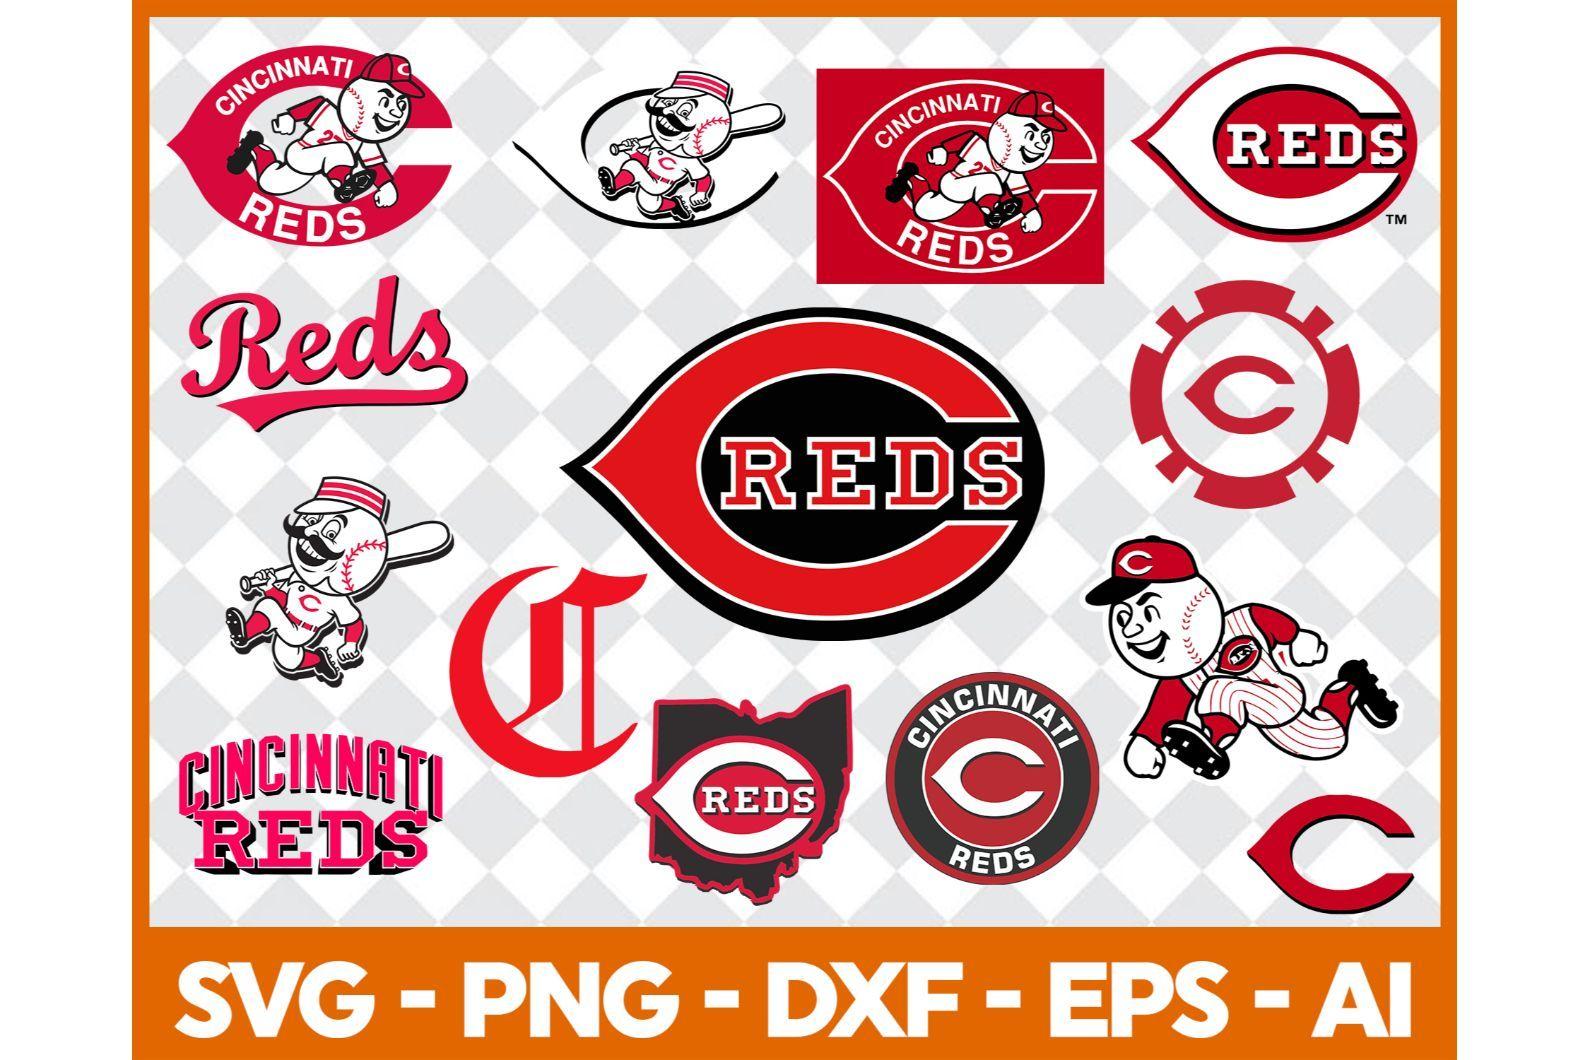 Cincinnati Reds Mlb Svg Baseball Svg File Baseball Logo Mlb Fabric Mlb Baseball Mlb Svg Baseball In 2020 Cincinnati Reds Mlb Logos Baseball Svg